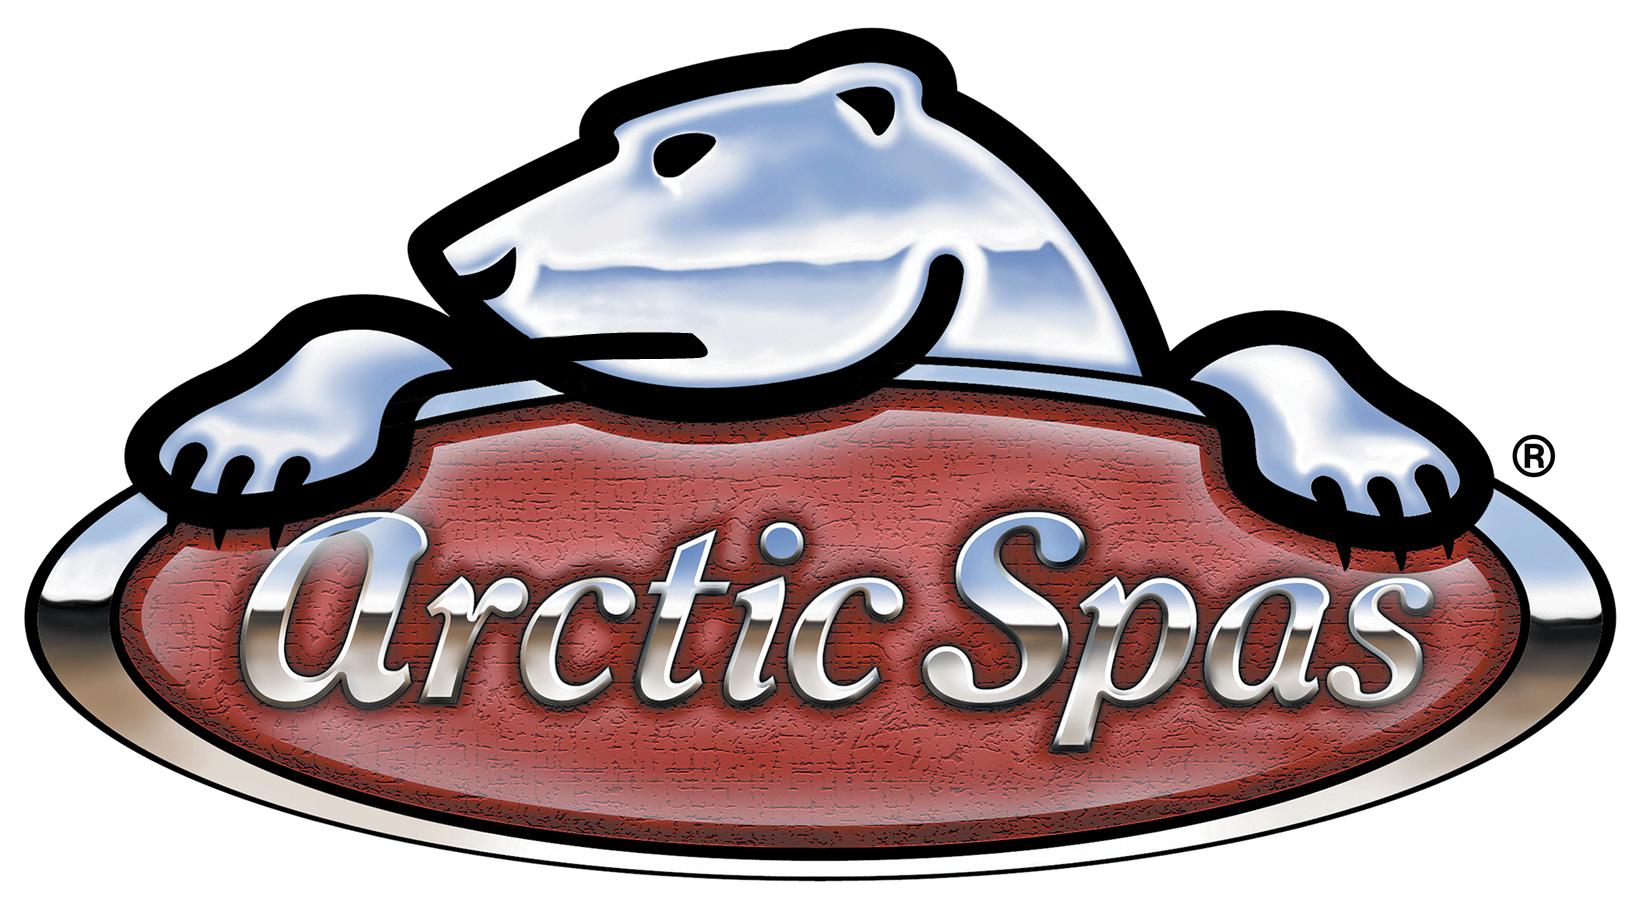 Artic Spas